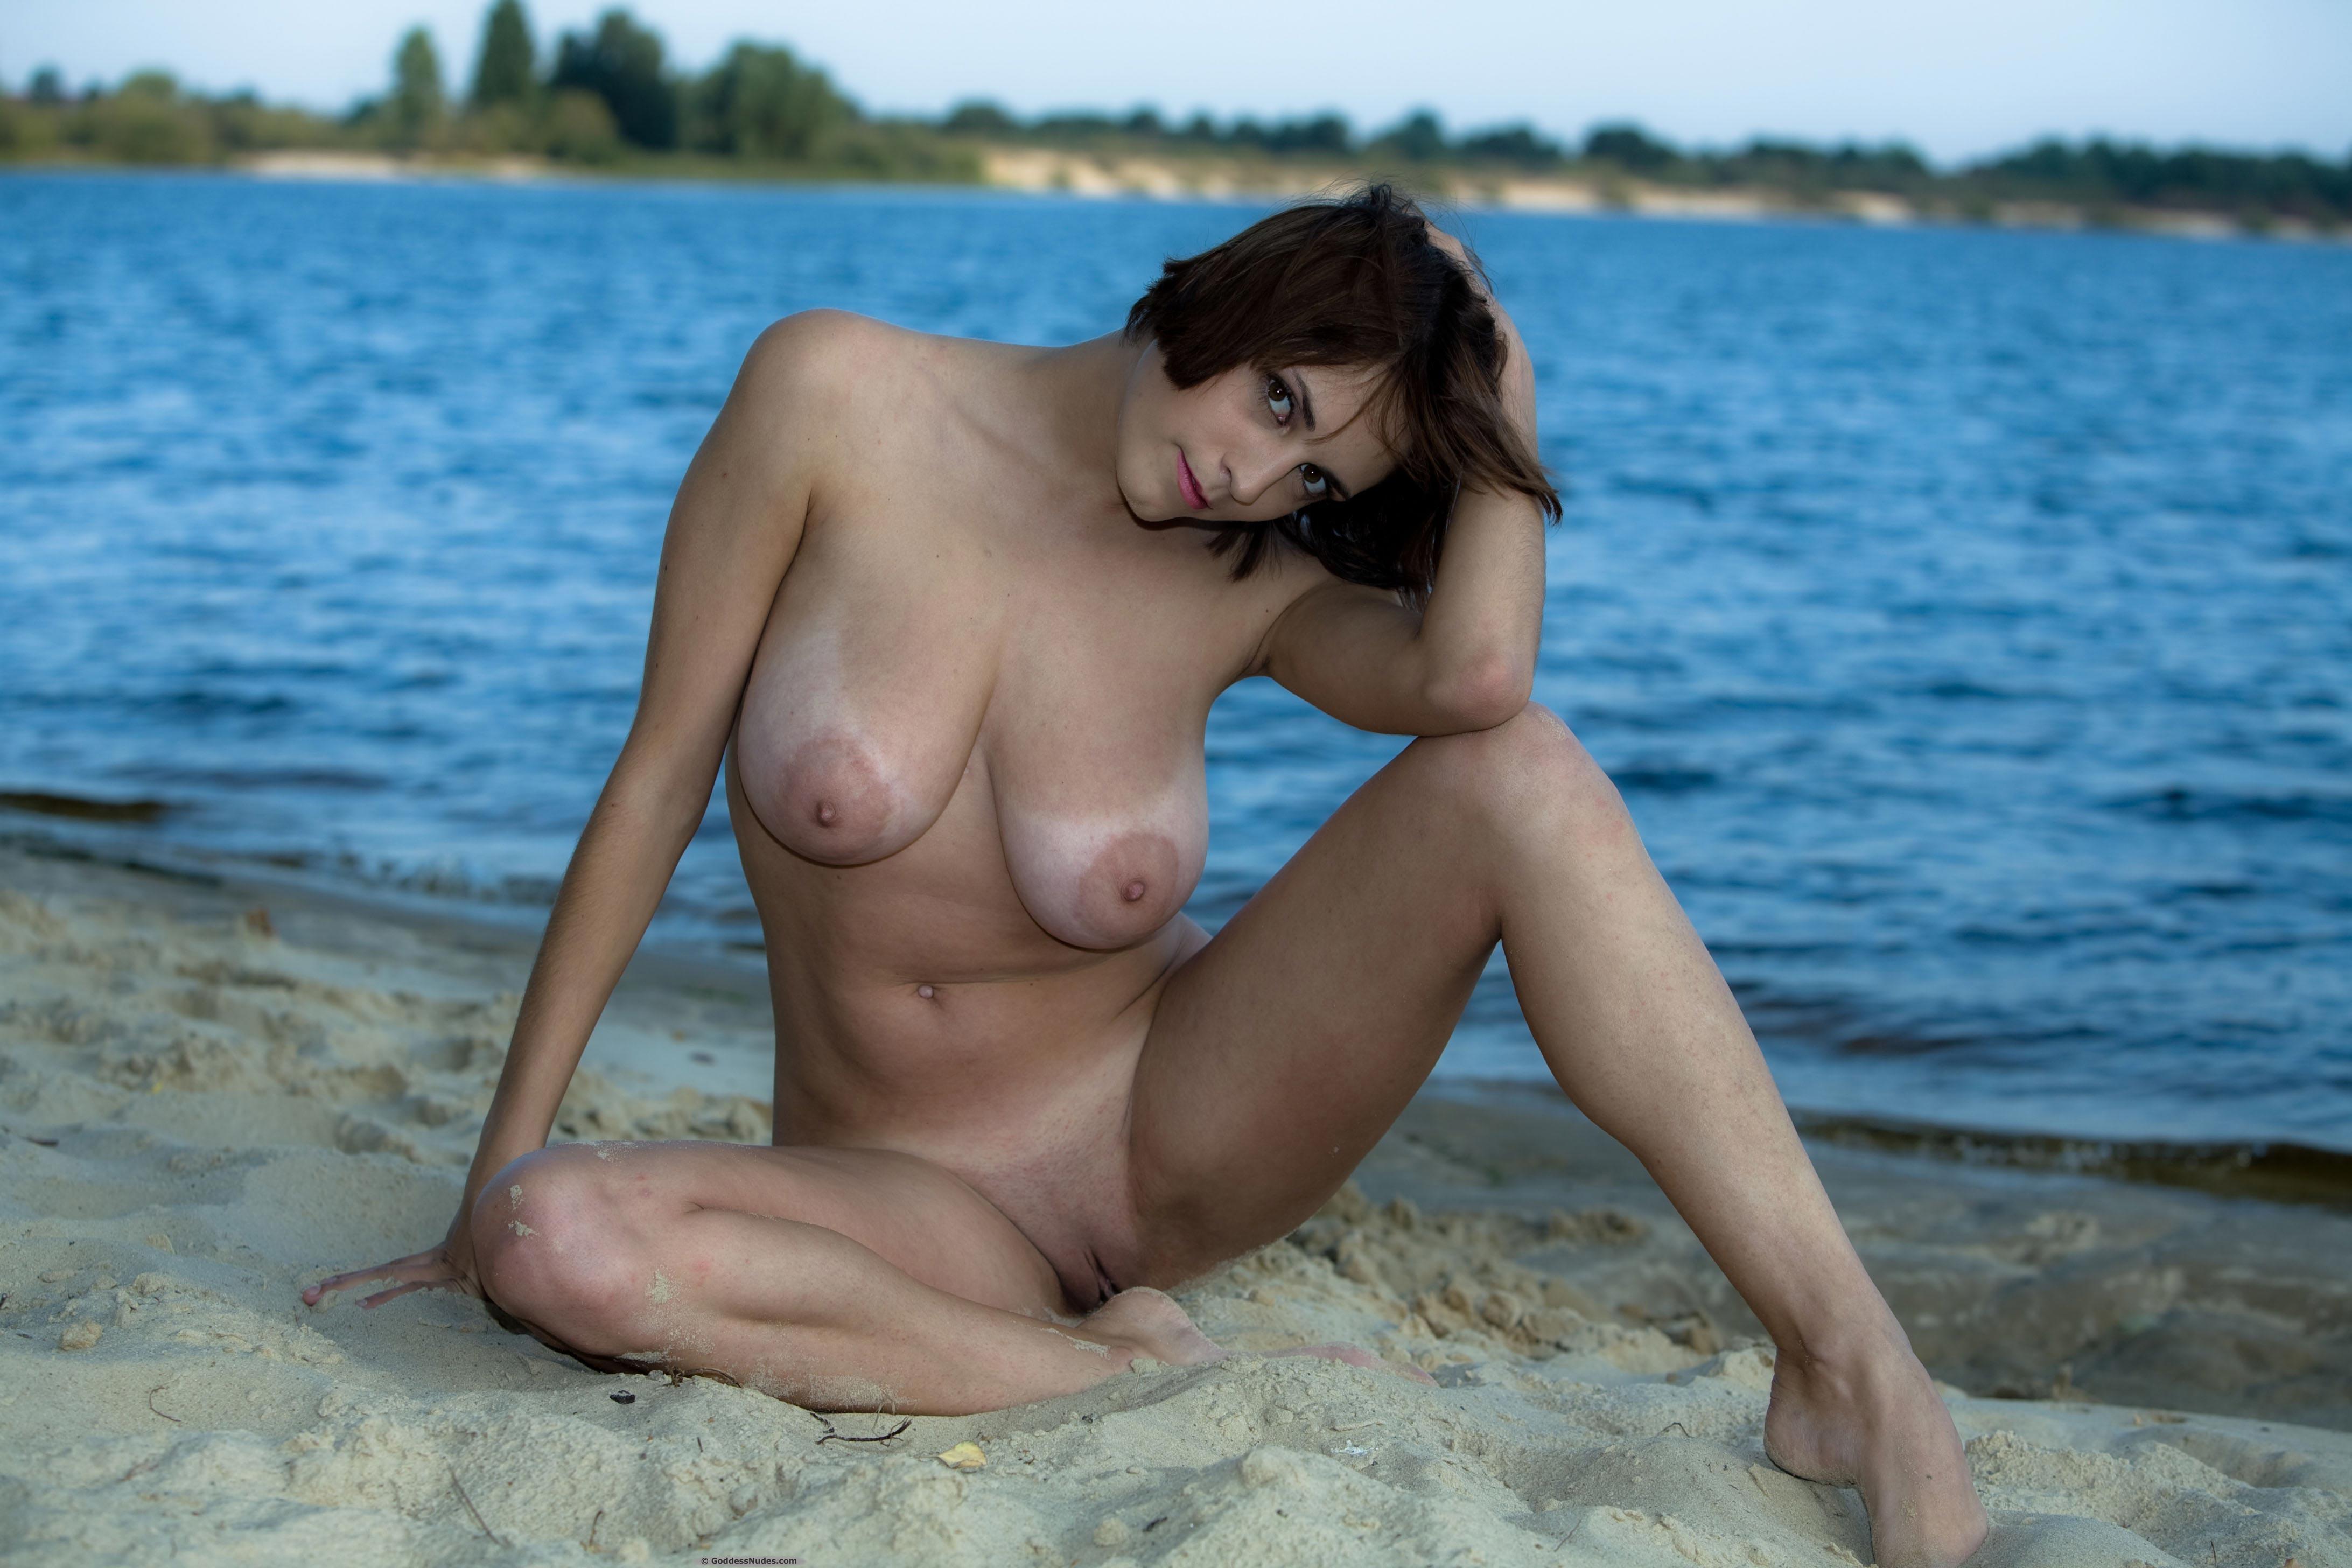 Hot Nz Women Naked